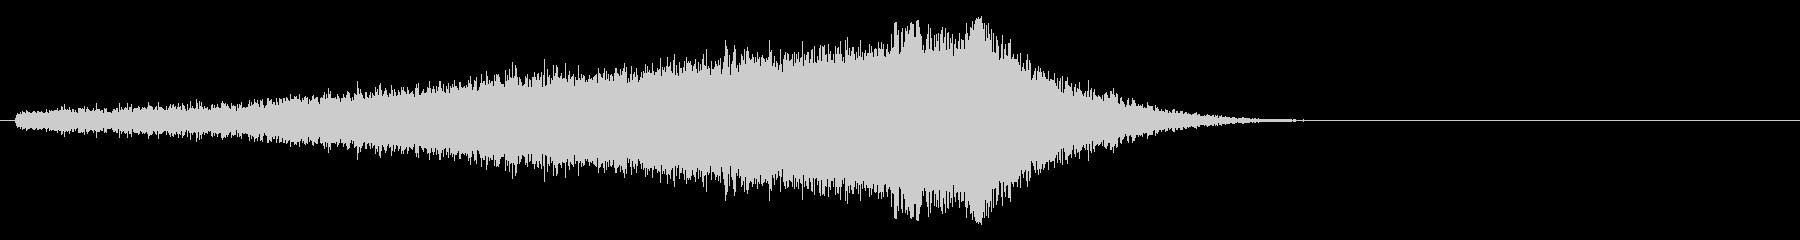 Stinger-アンビエントピッチ...の未再生の波形